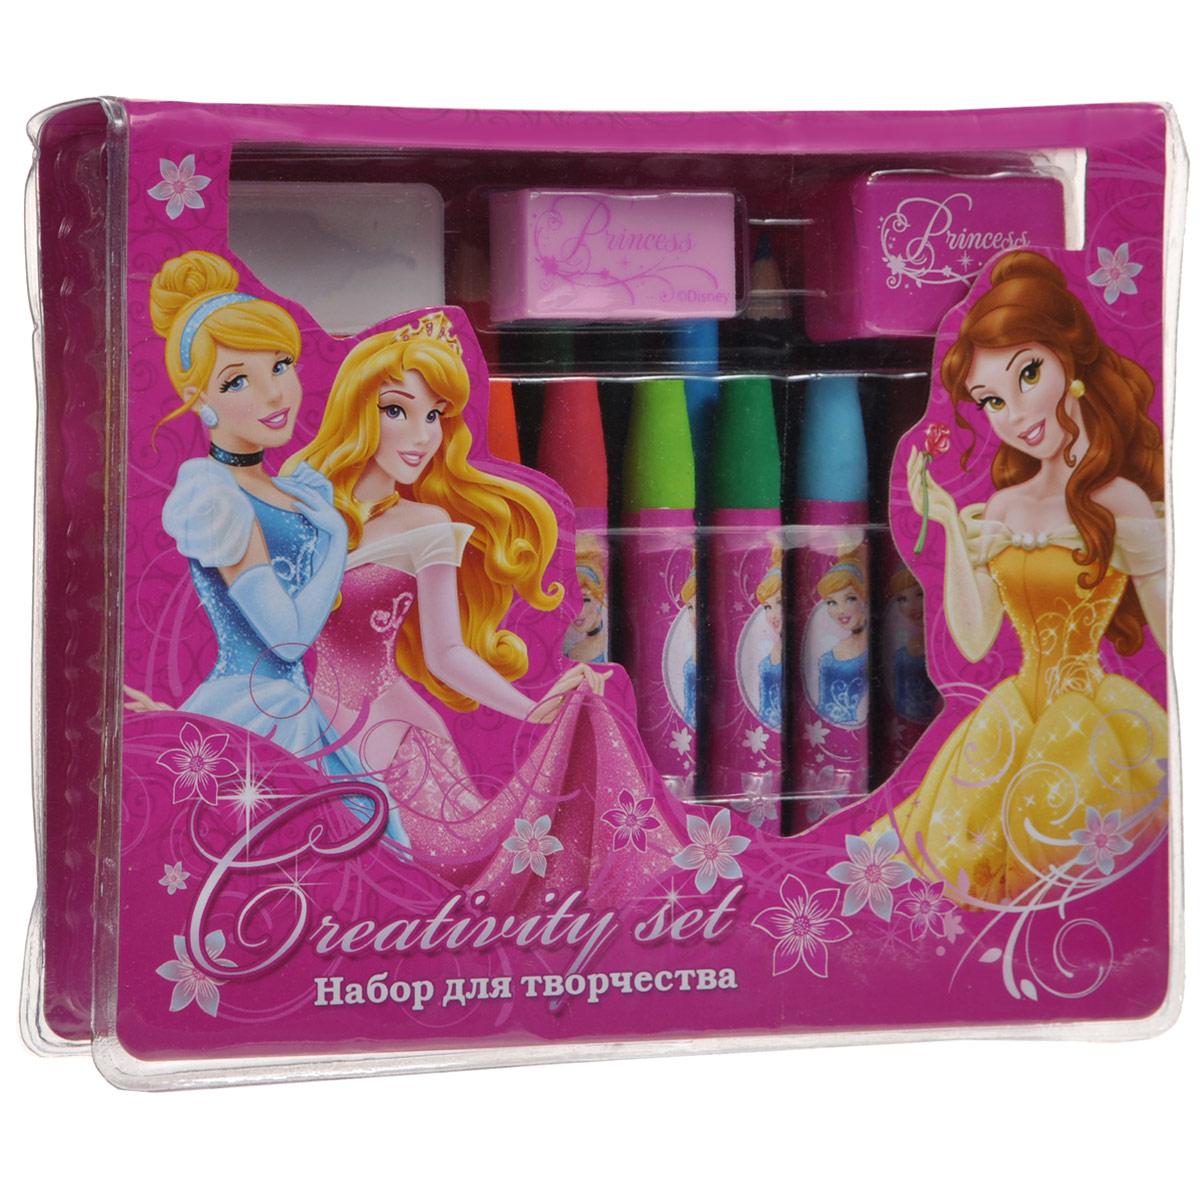 Набор для рисования Princess, 25 предметовPRAA-US1-460199Набор для рисования Princess позволит вашей малышке проявить свои творческие способности. Он включает в себя цветные карандаши двенадцати цветов, восковые мелки десяти цветов, точилку, ластик и стикер. Каждый мелок обернут в бумажную гильзу с изображением диснеевских принцесс Золушки и Белль. Набор откроет юной художнице новые горизонты для творчества, а также поможет развить мелкую моторику рук, цветовое восприятие, фантазию и воображение.